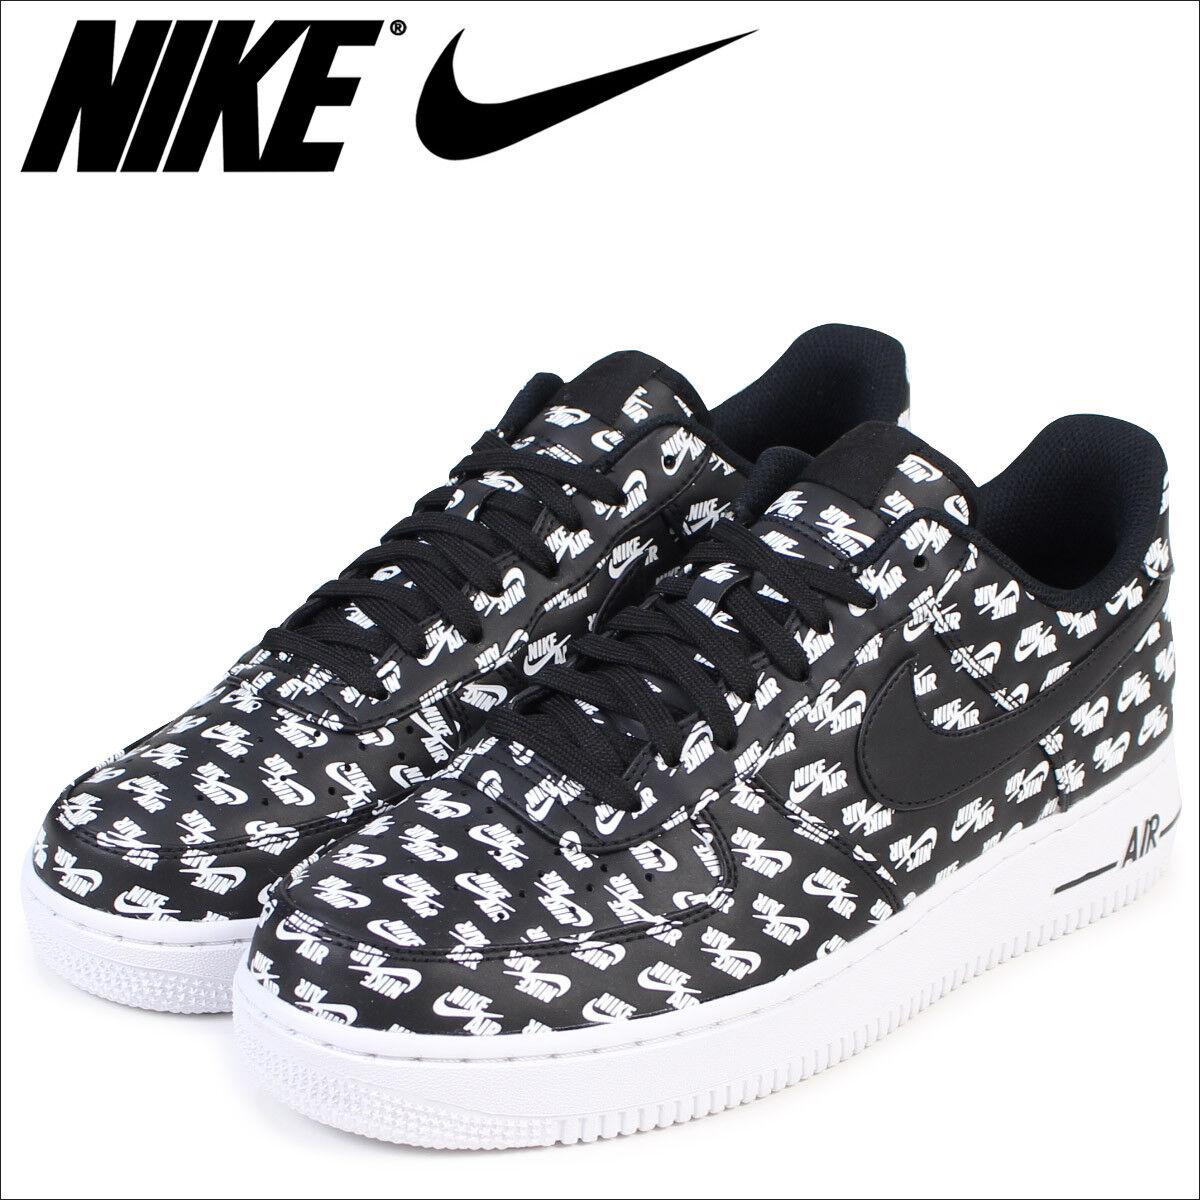 Nike Air Force 1 Low 07 logo QS todo logo 07 Pack negro blanco ah8462-001 hombres 8 zapatos los zapatos mas populares para hombres y mujeres 15bf1d